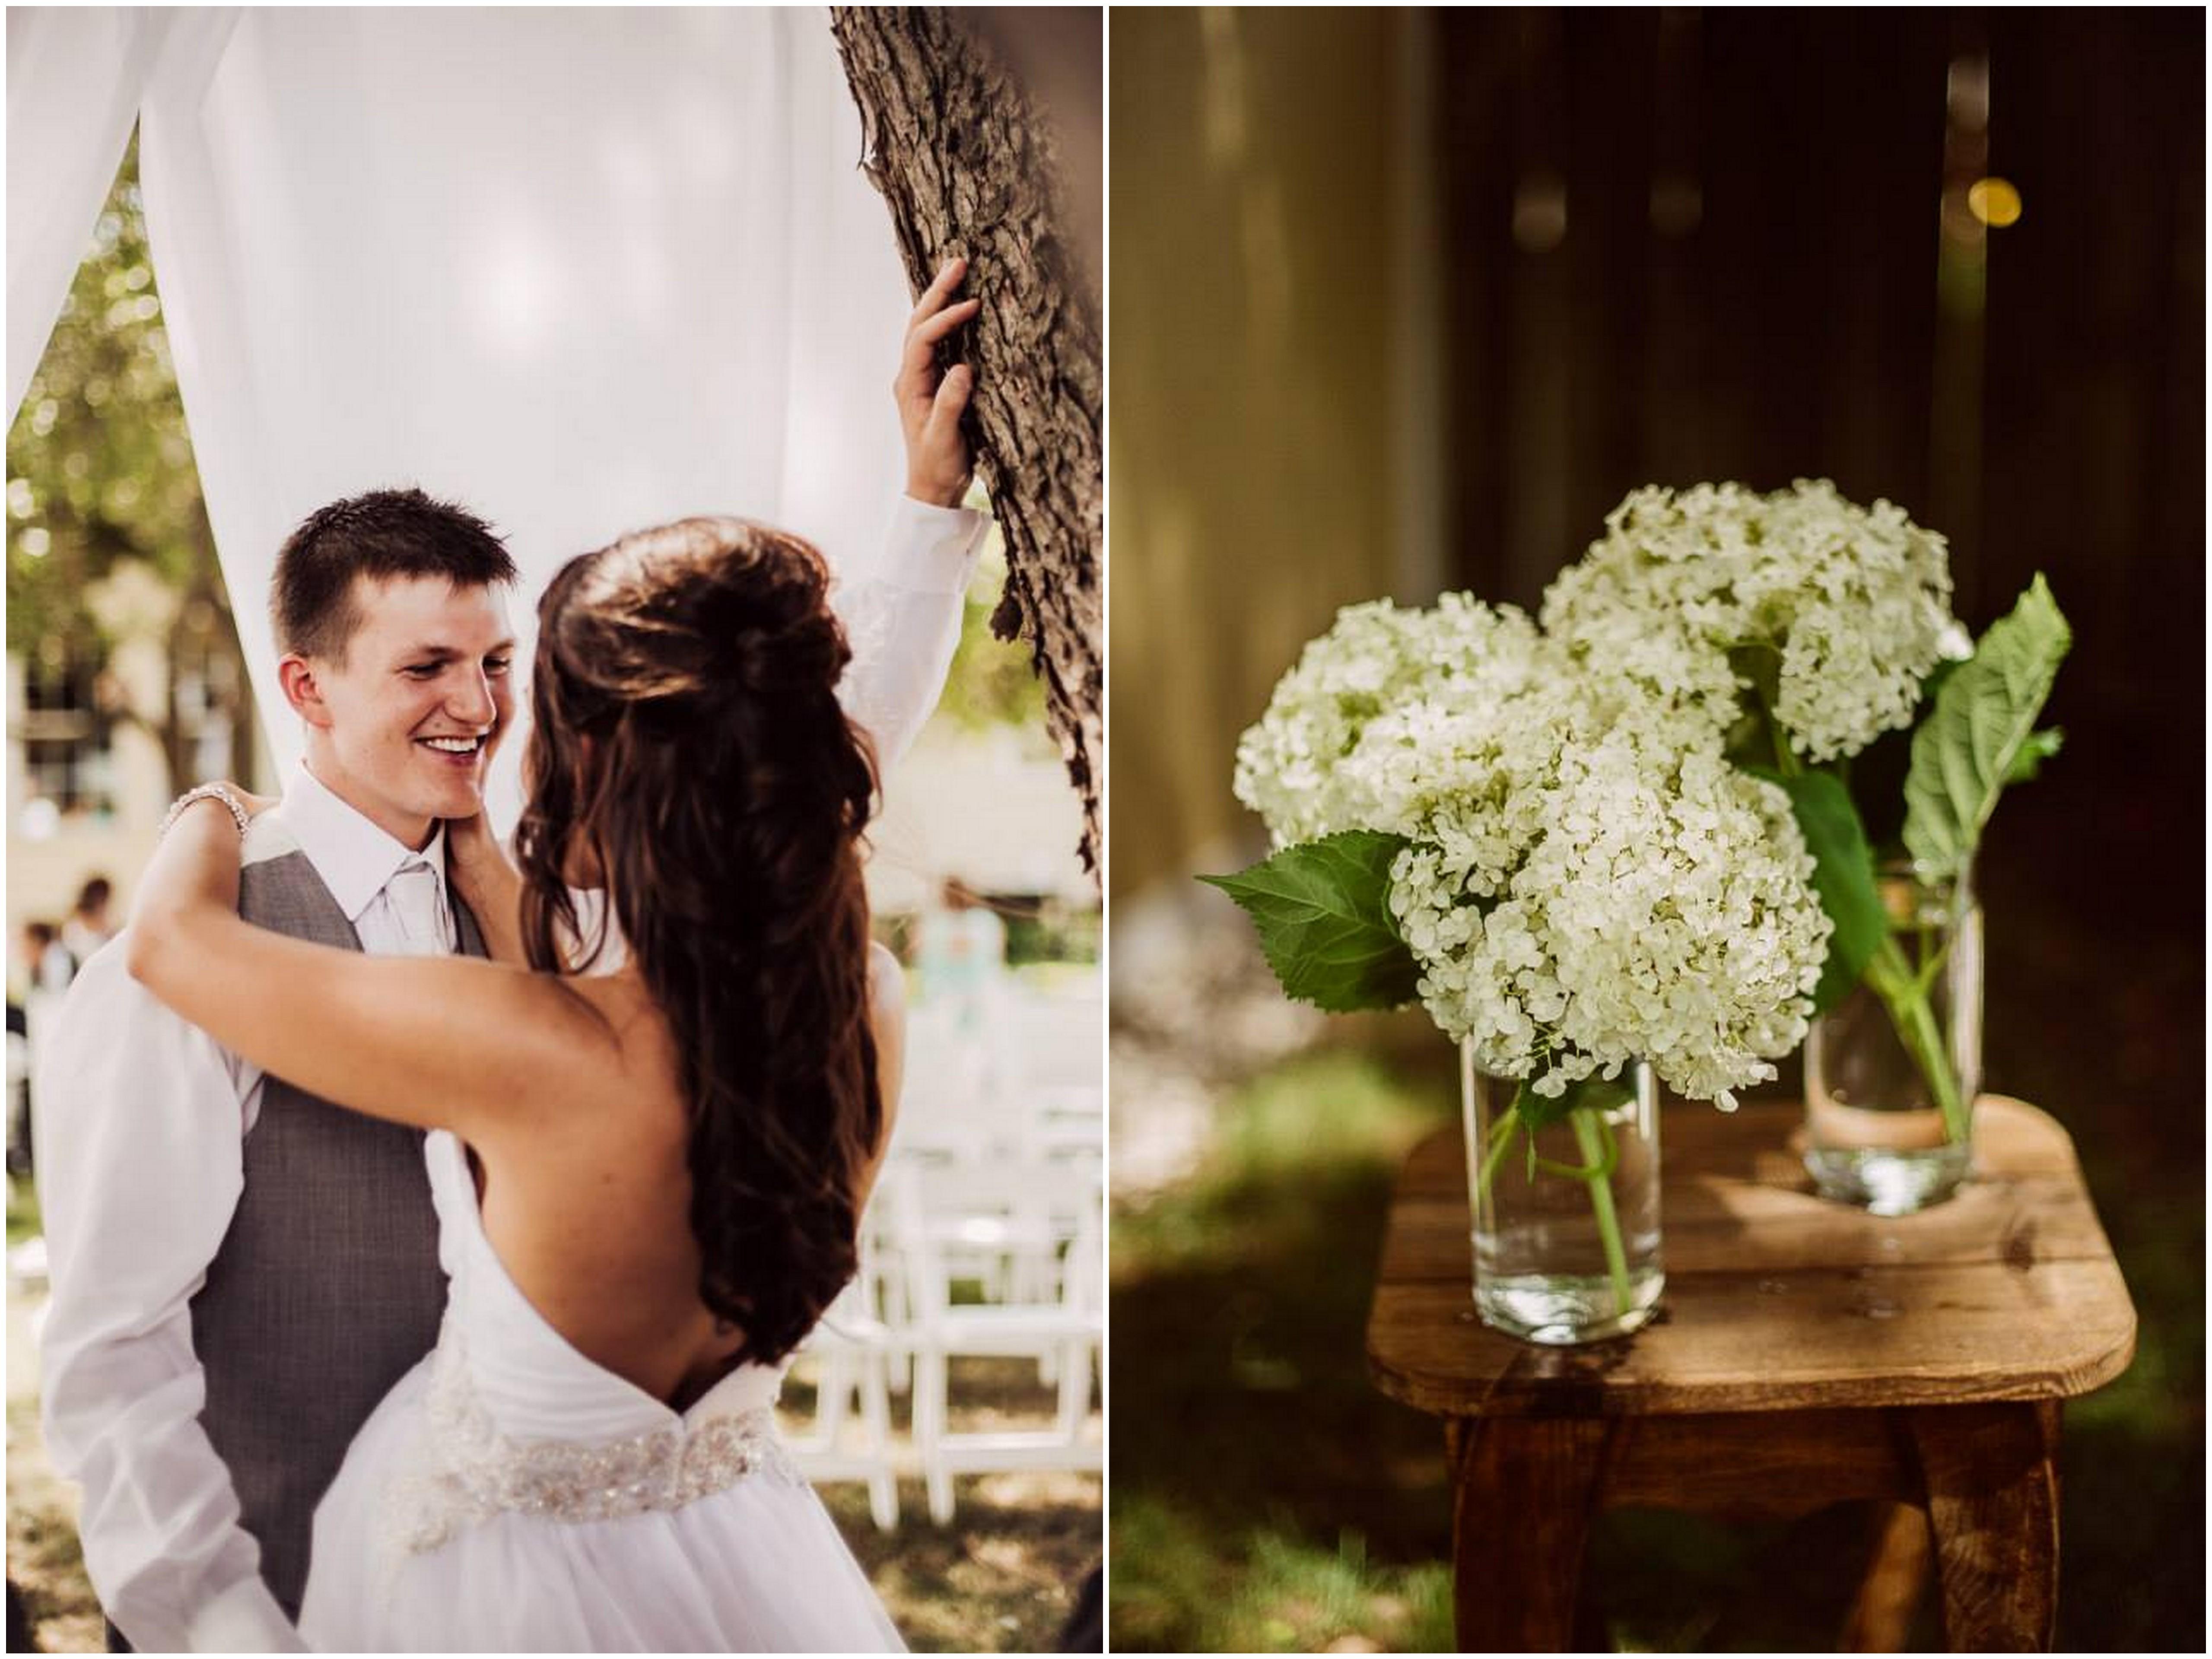 Real Weddings: Jordan & Kait